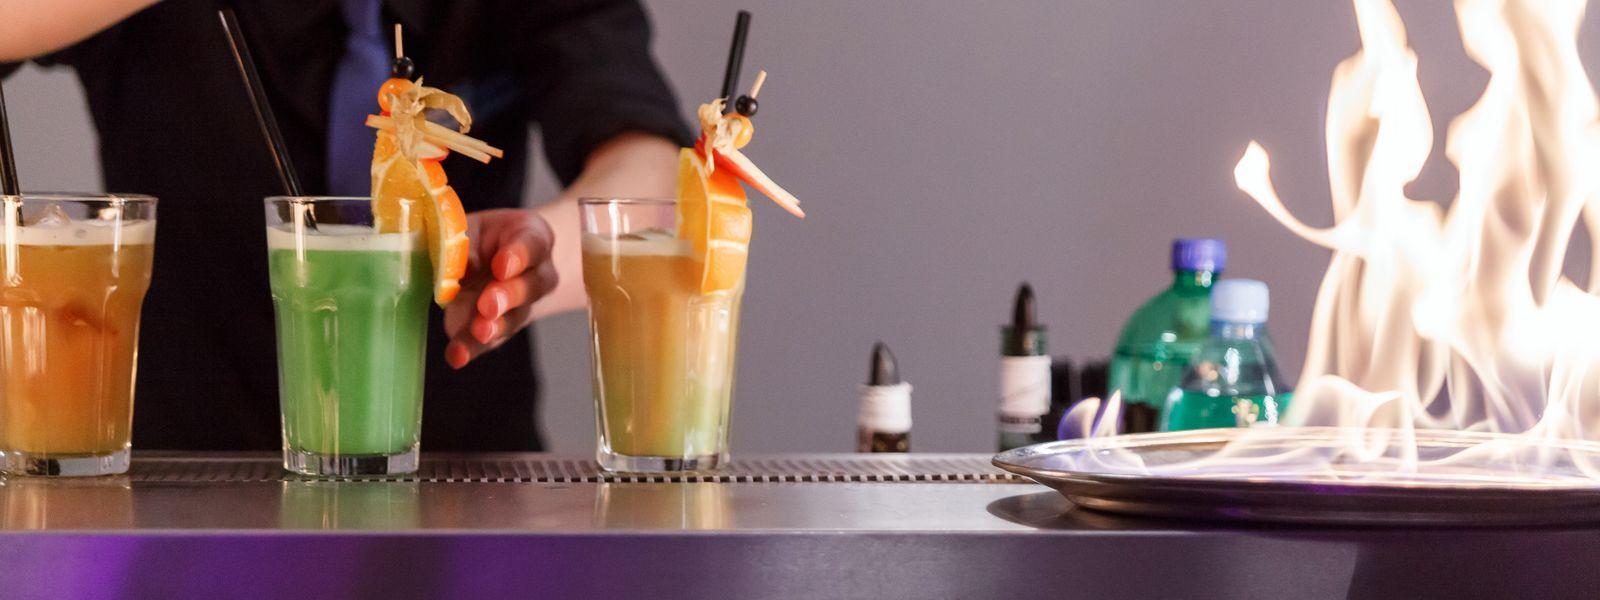 Kolorowe drinki podawane przez doświadczonego barmana